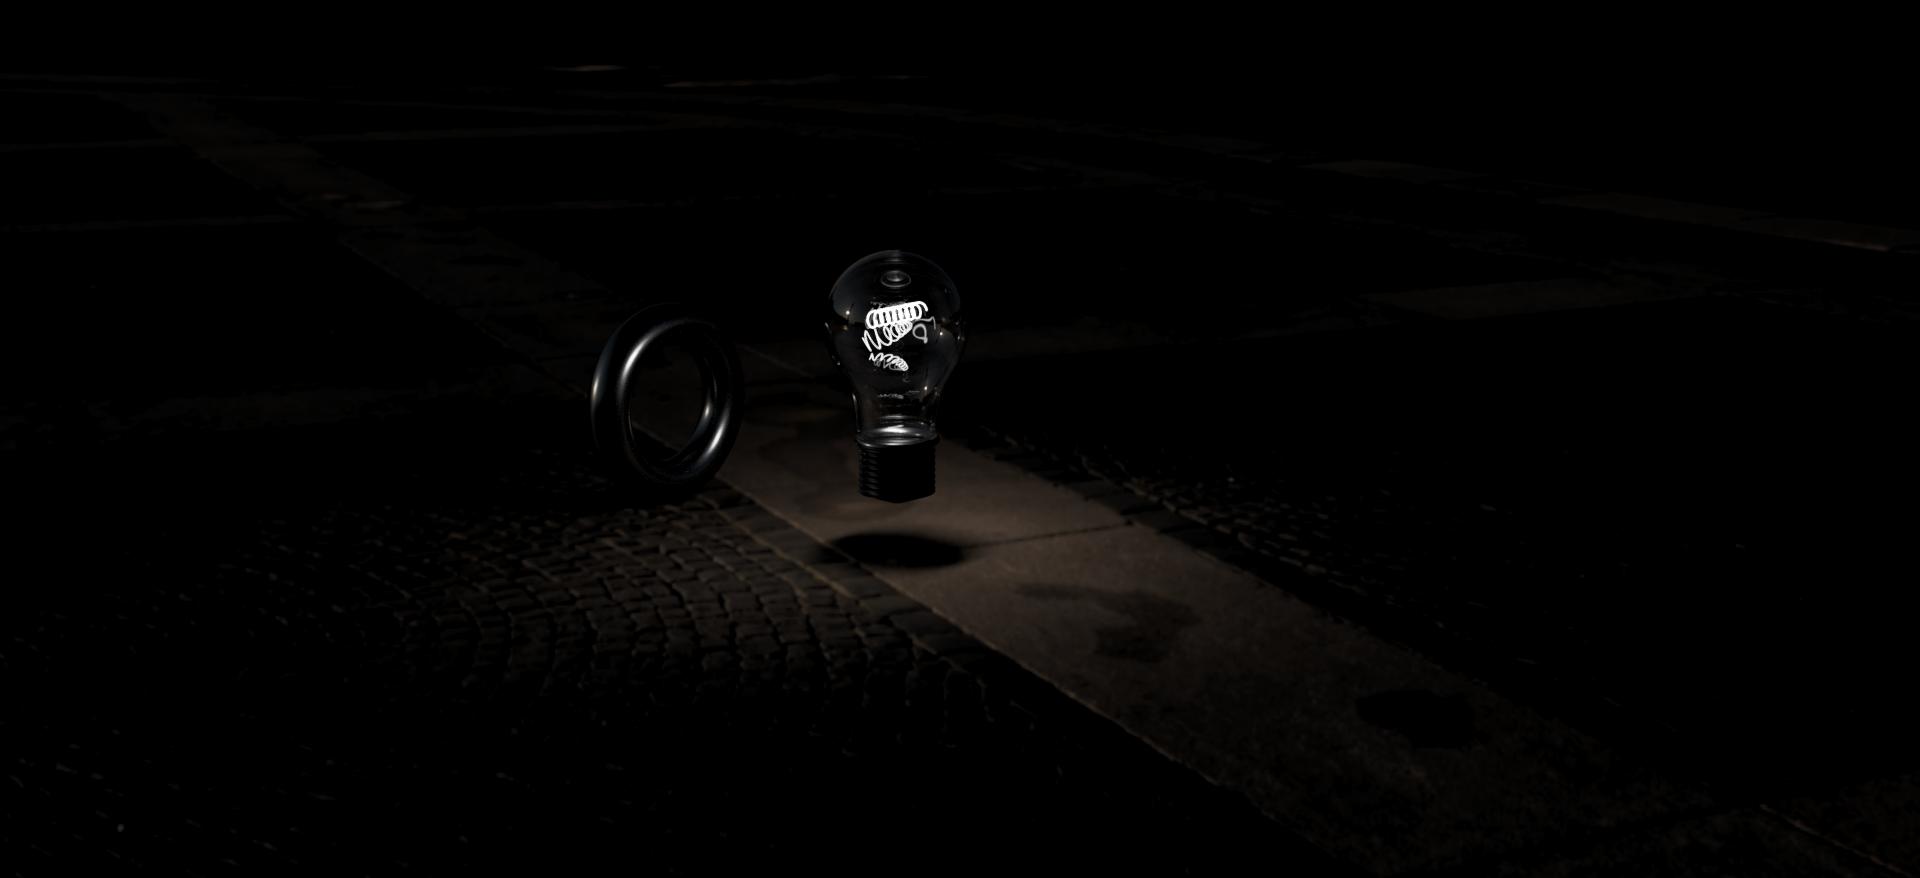 7 - Lightbulb 2